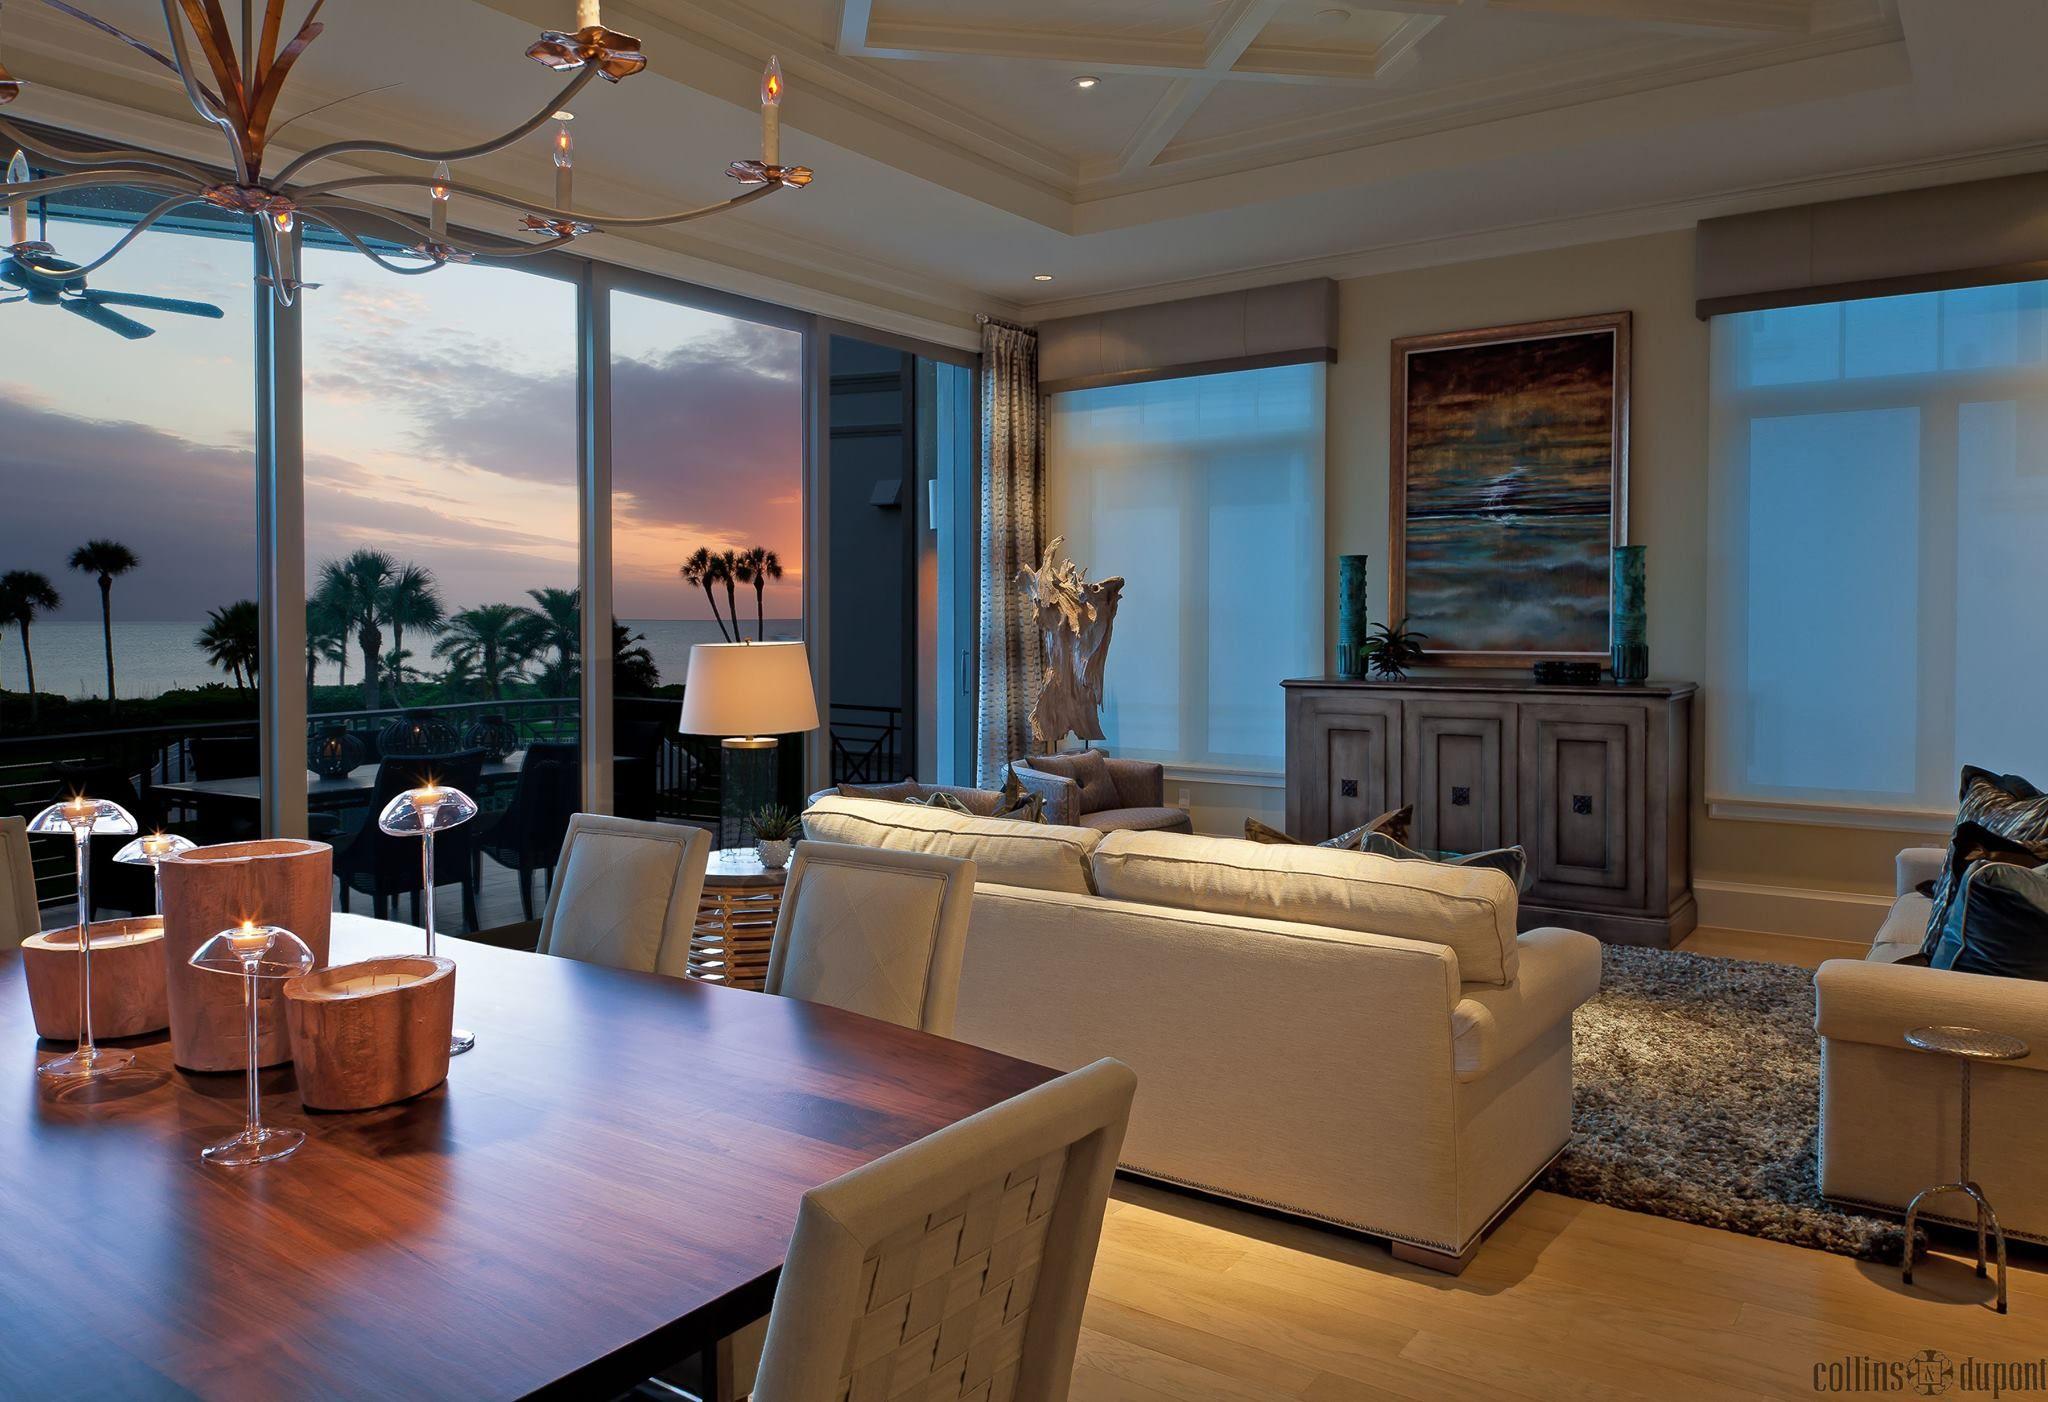 Collins & Dupont Design Group 187 best collins & dupont design portfolio images